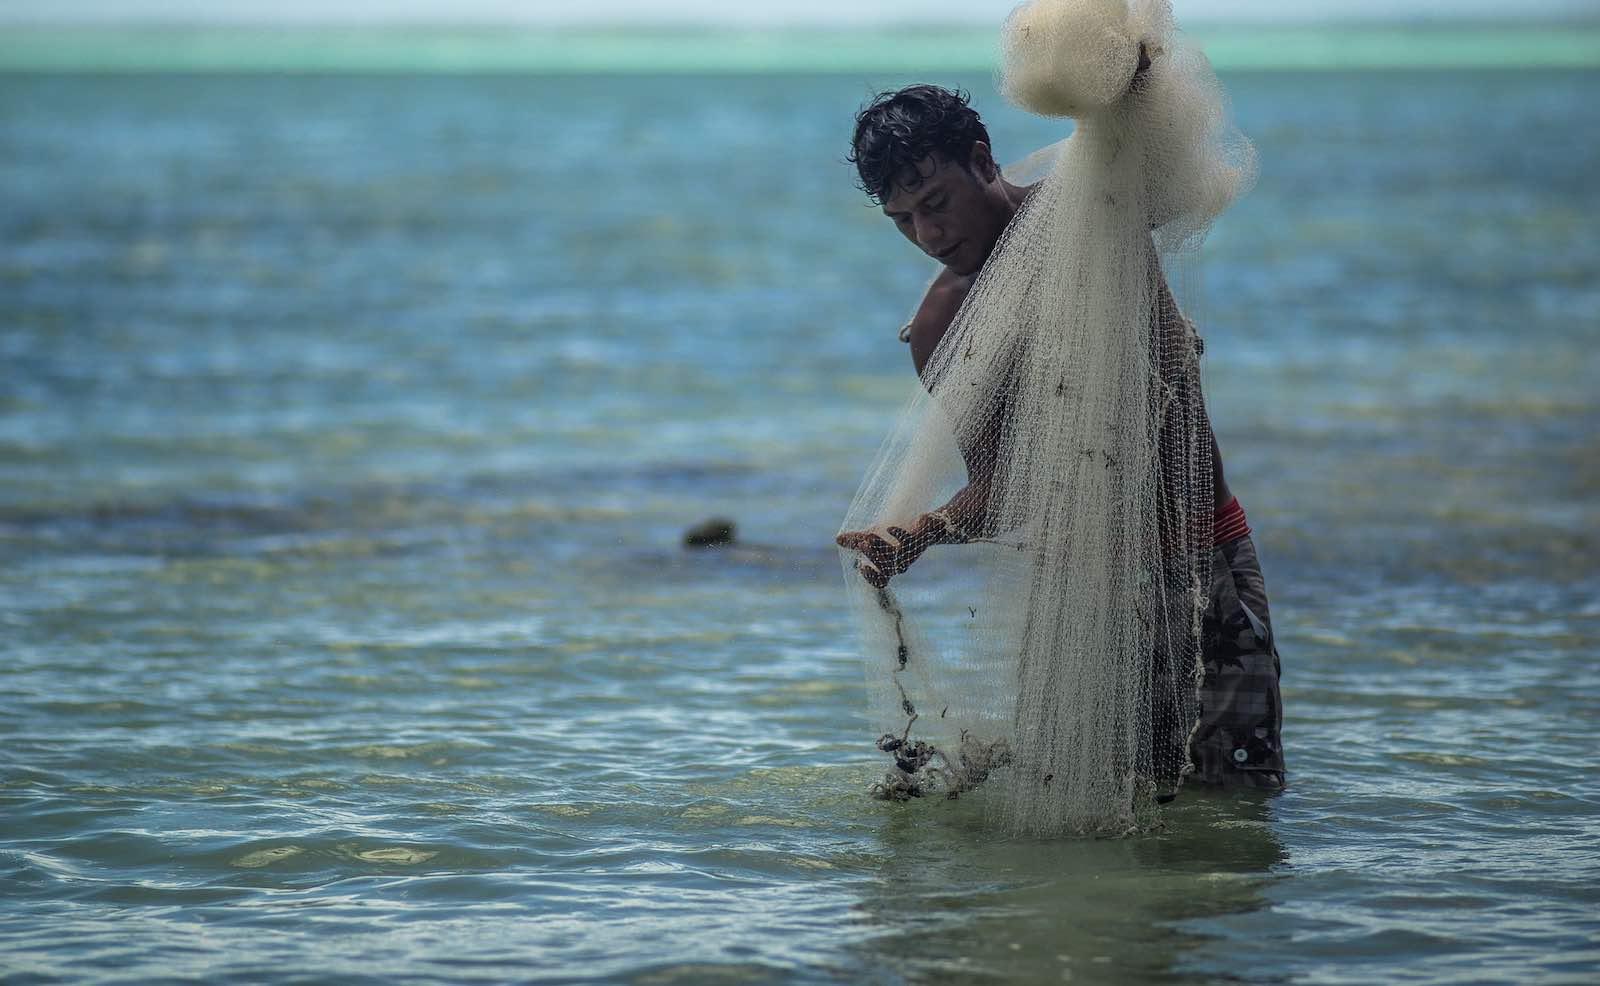 Fishing in Tarawa, Kiribati (Photo: Asian Development Bank/Flickr)